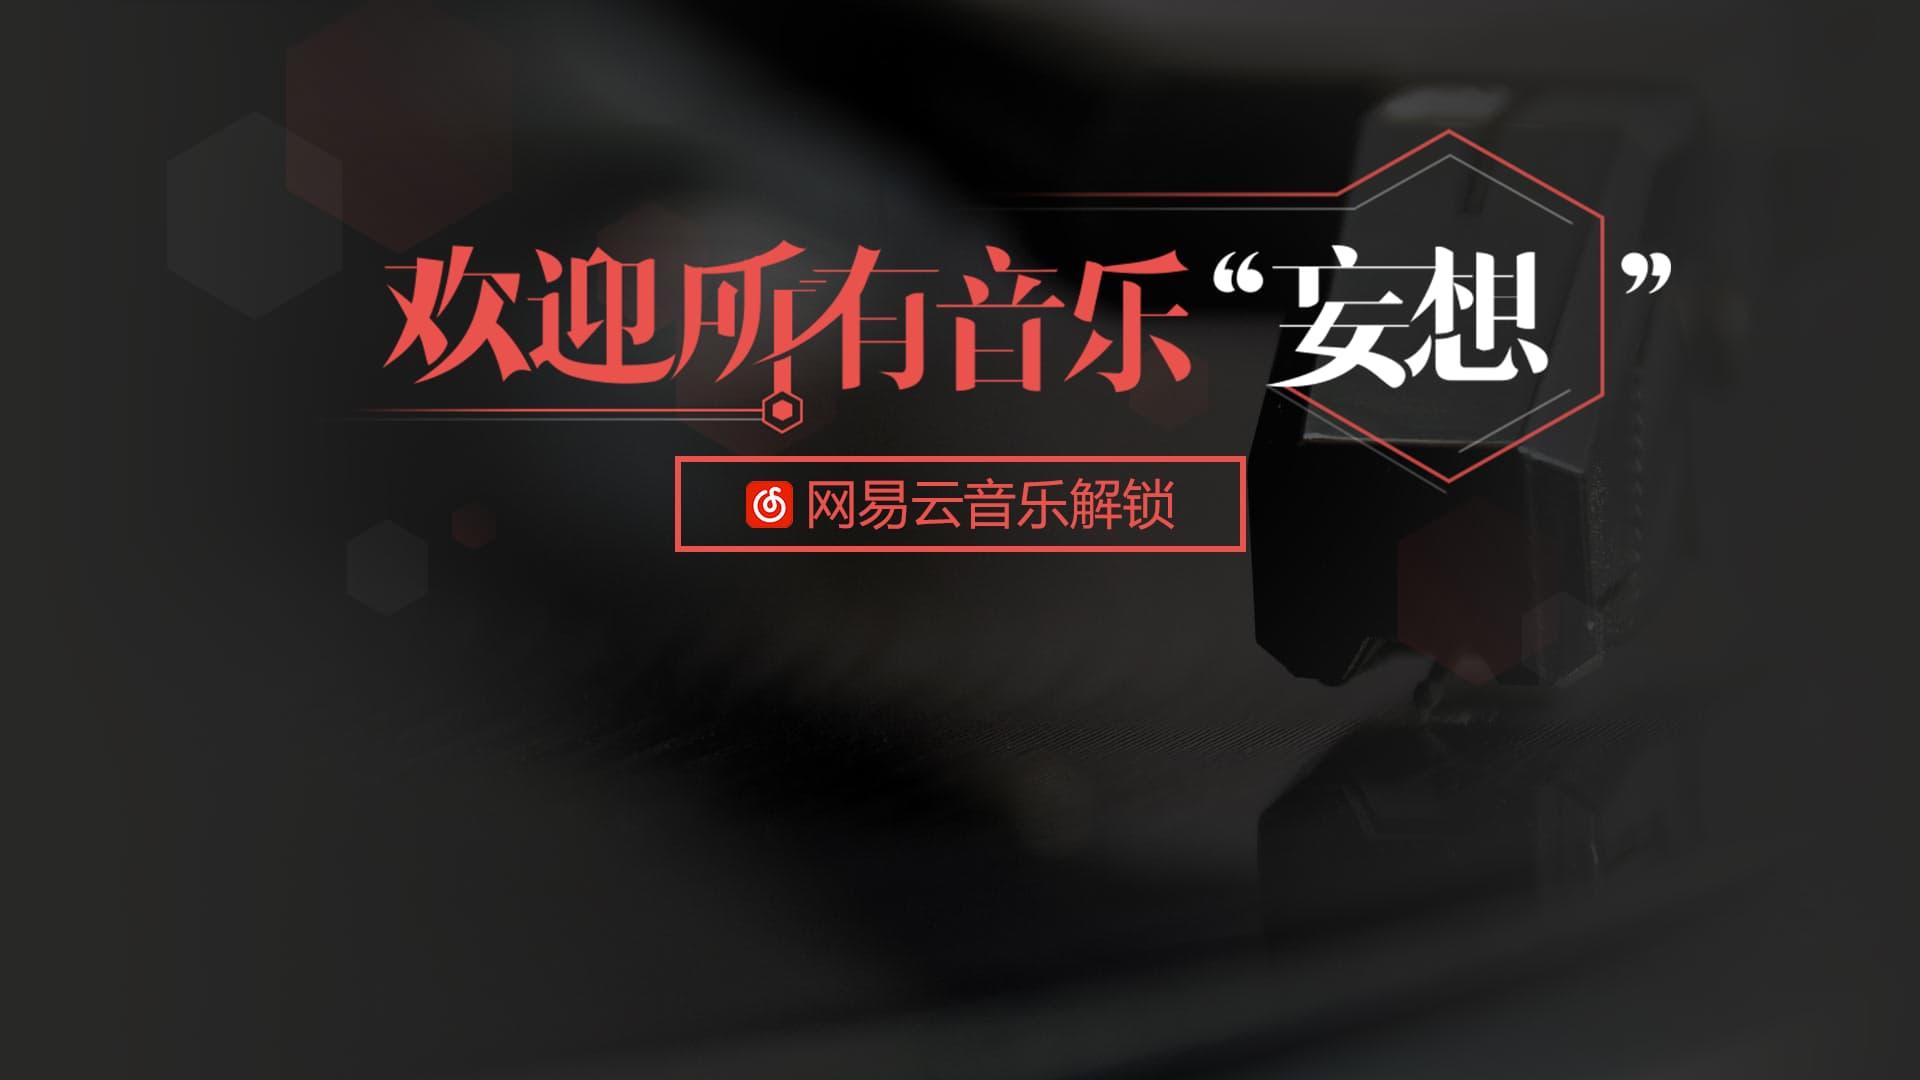 网易云音乐解锁灰色歌曲(破版权限制)